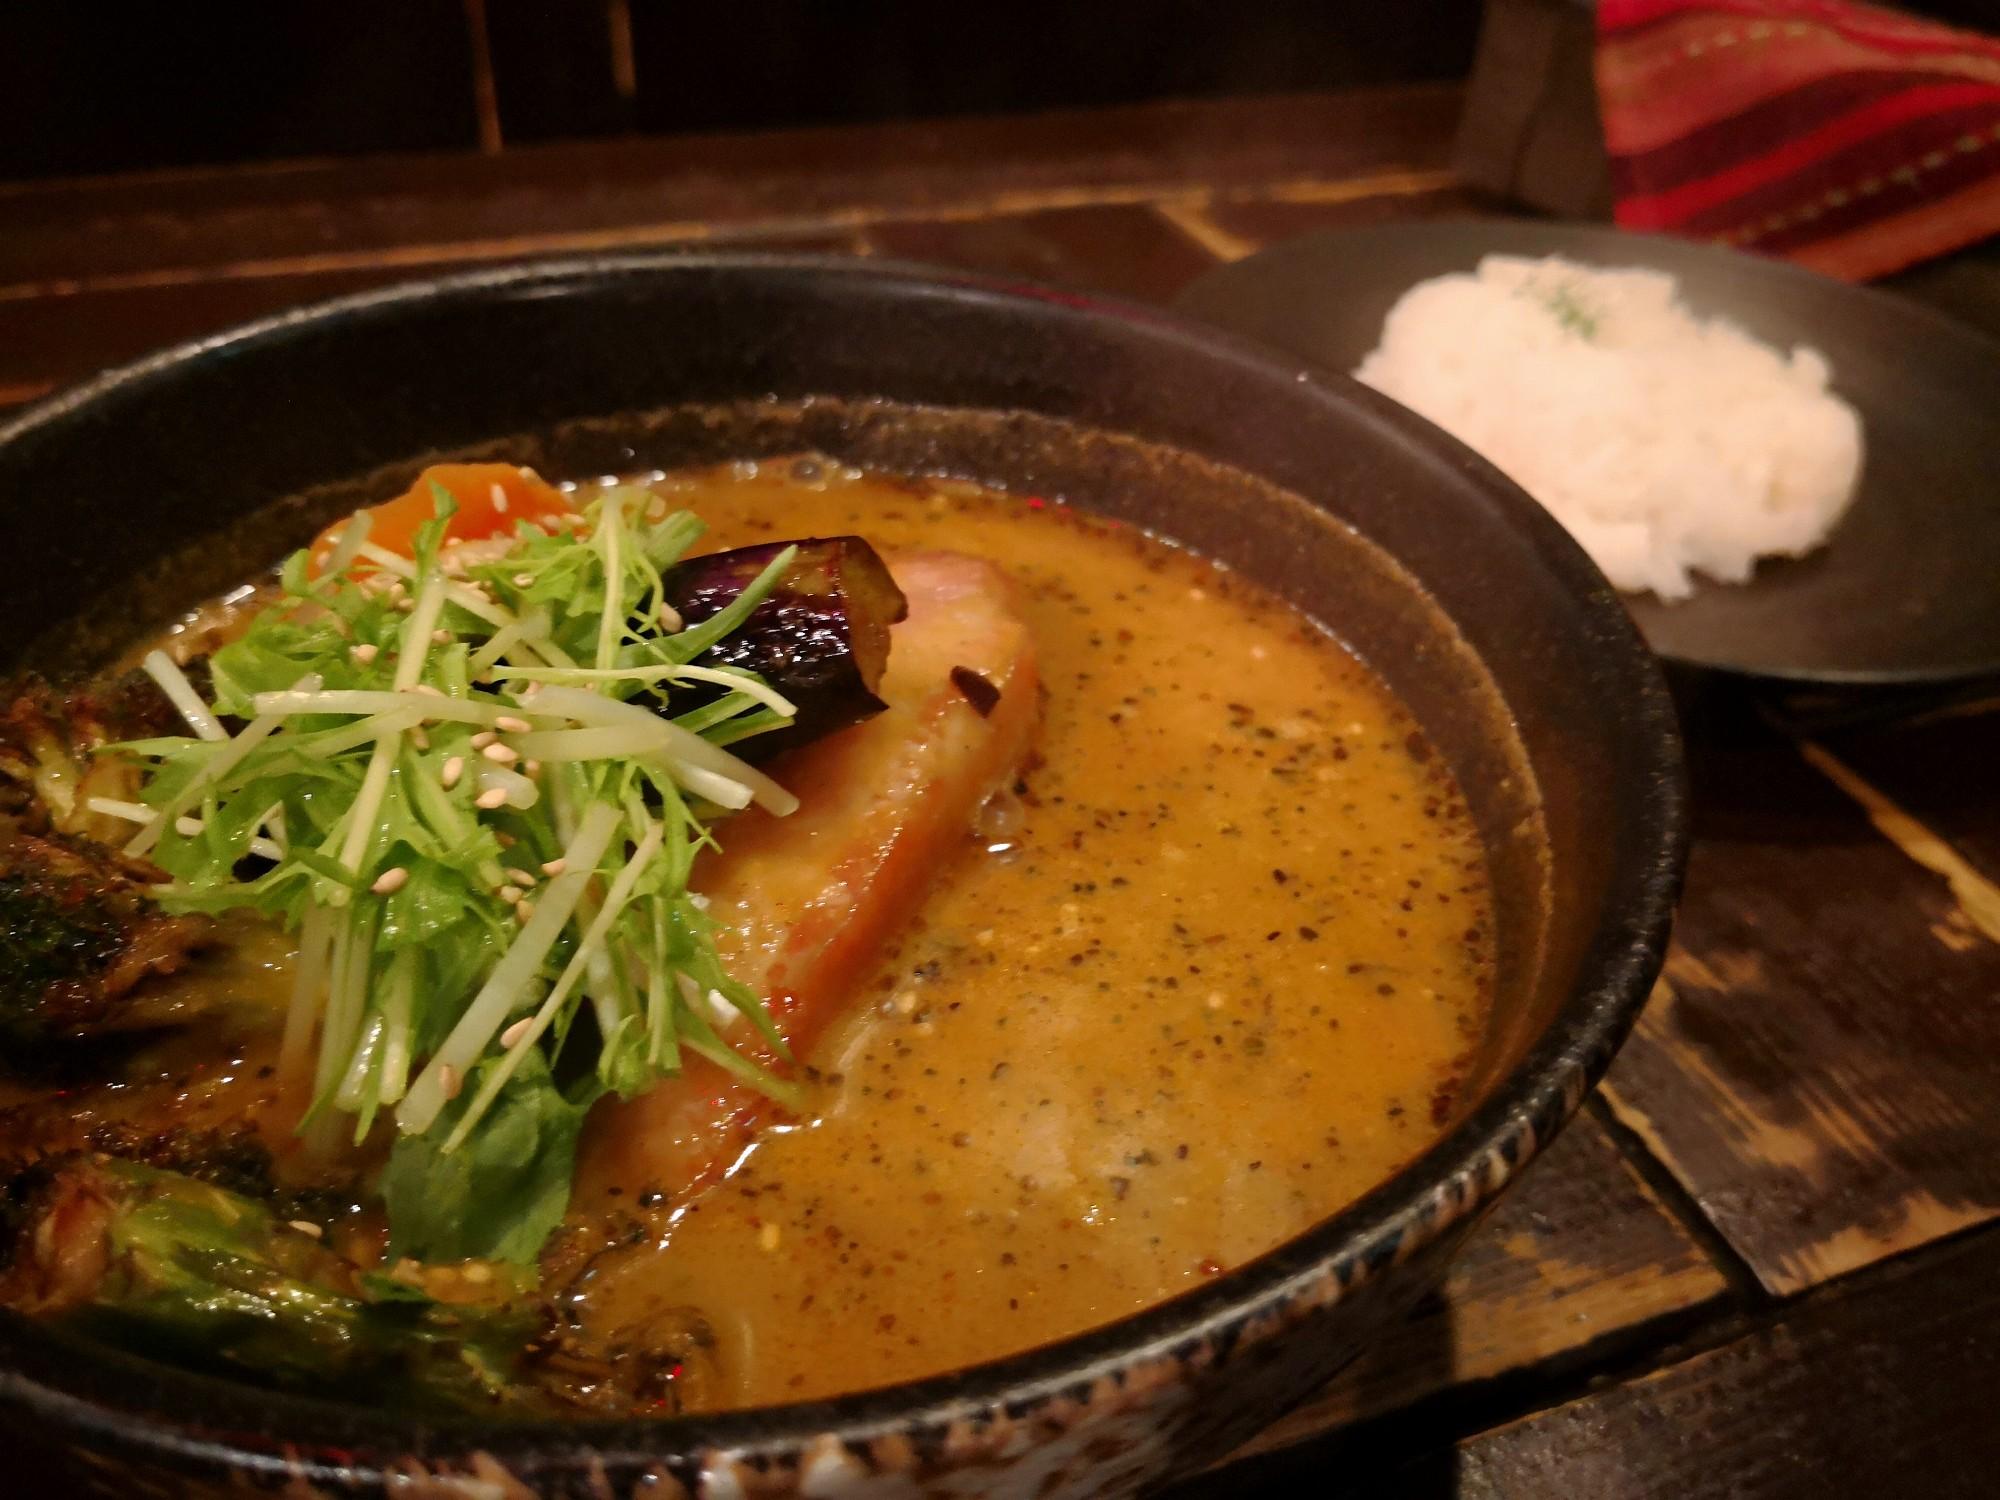 札幌駅近く スープカレー人気店 ヒリヒリ